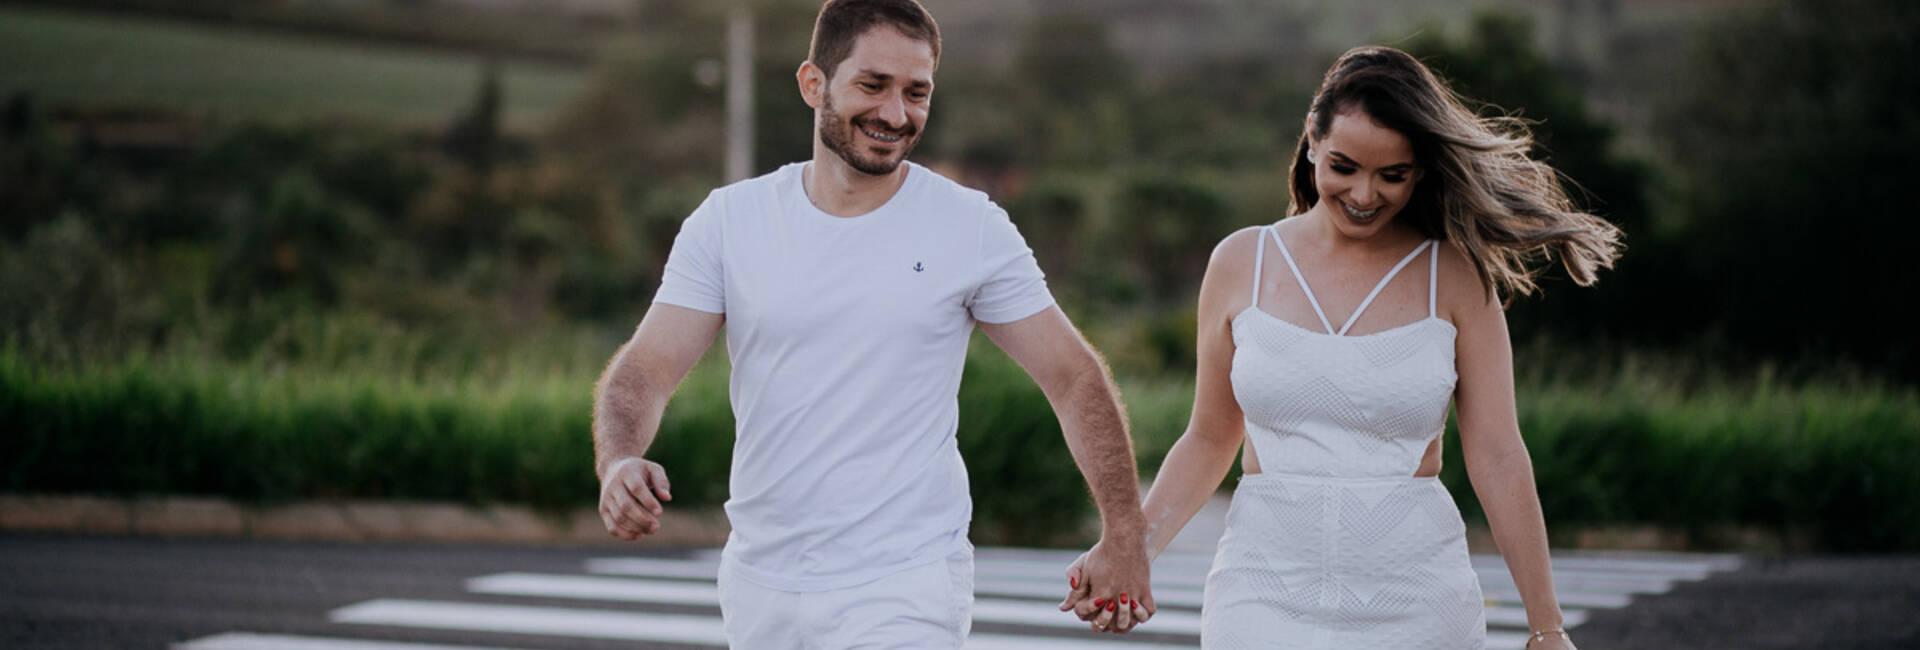 ENSAIO PRE WEDDING de JESSE E FERNANDO